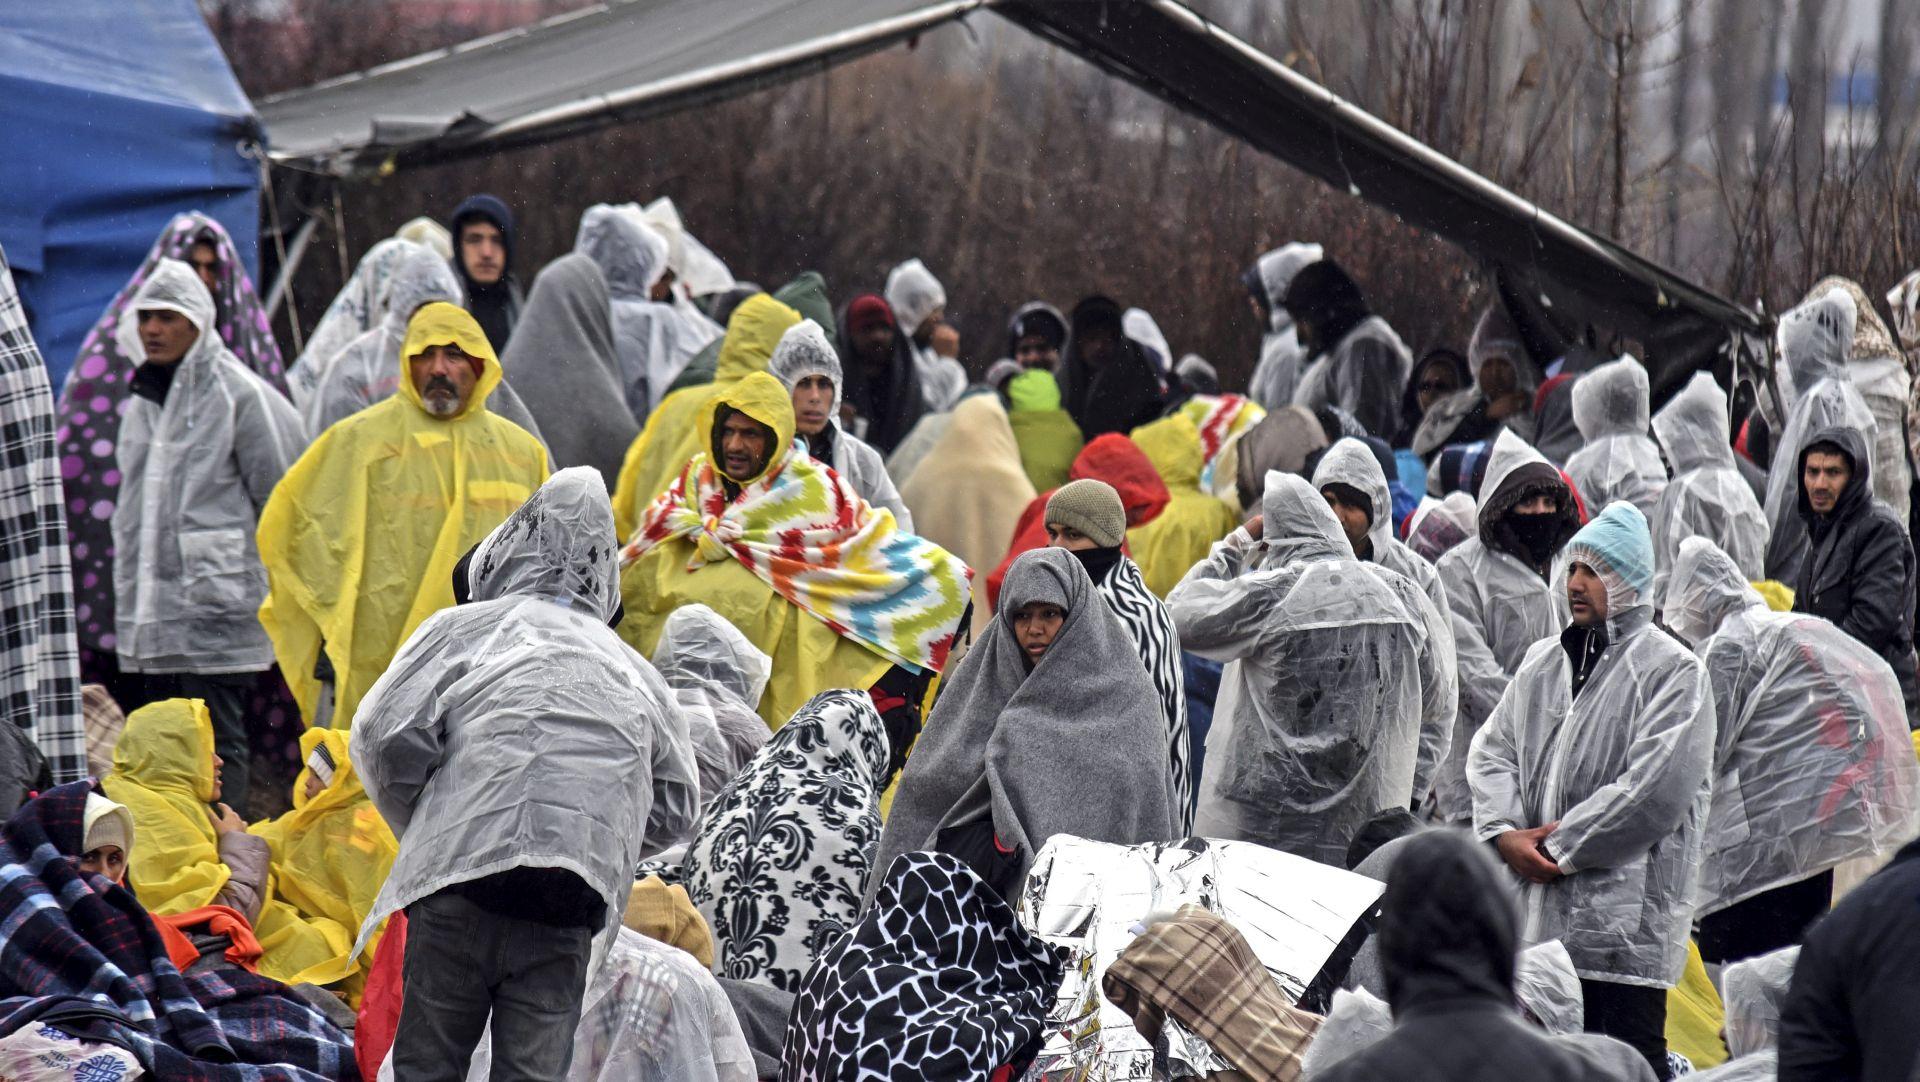 UPOZORILI HRVATSKU: Slovenija prima najviše 580 migranata dnevno